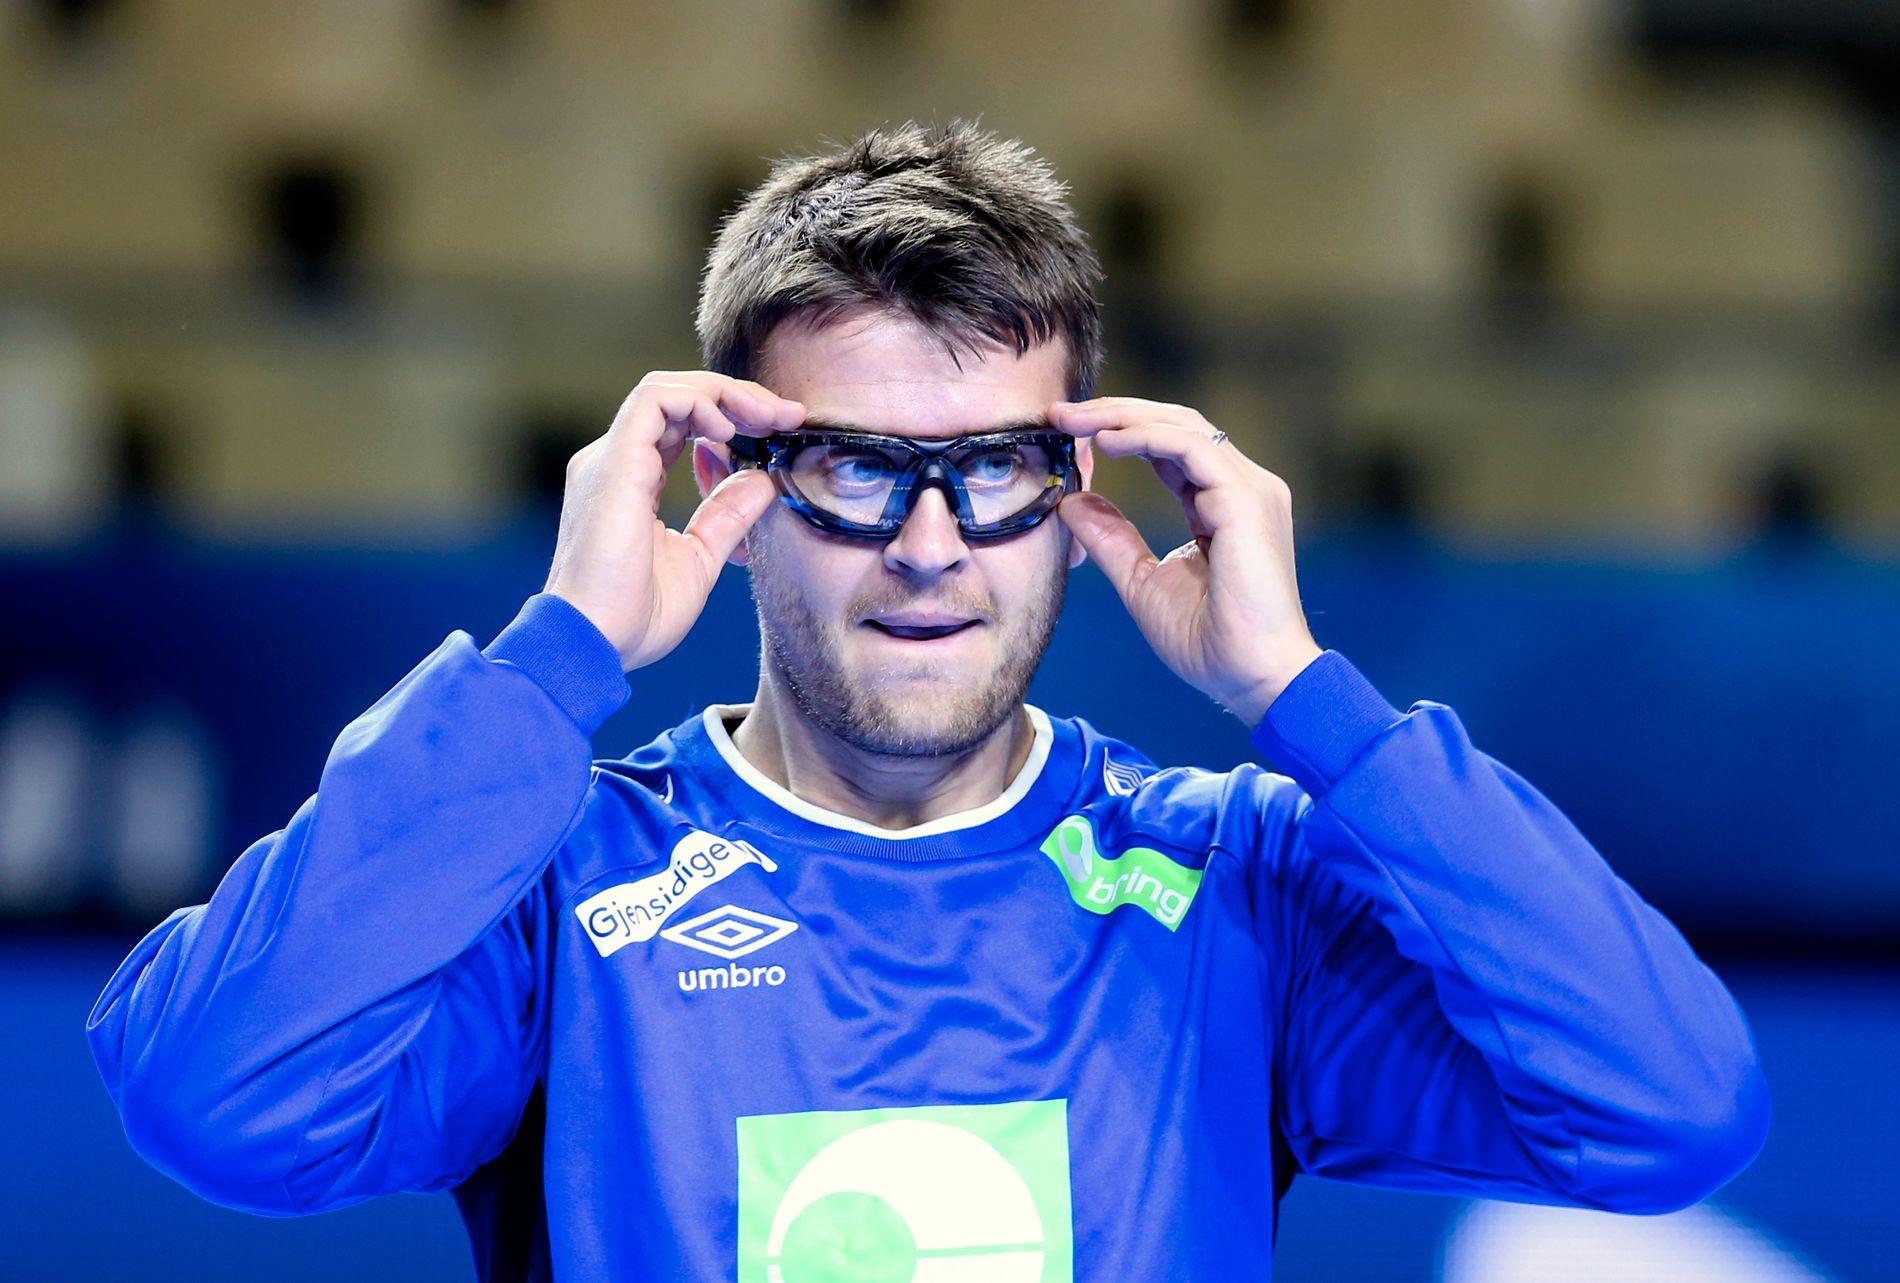 Ole Erevik spiller trolig sin siste kamp når GOG tar imot Aalborg i DM-finalen torsdag kveld.